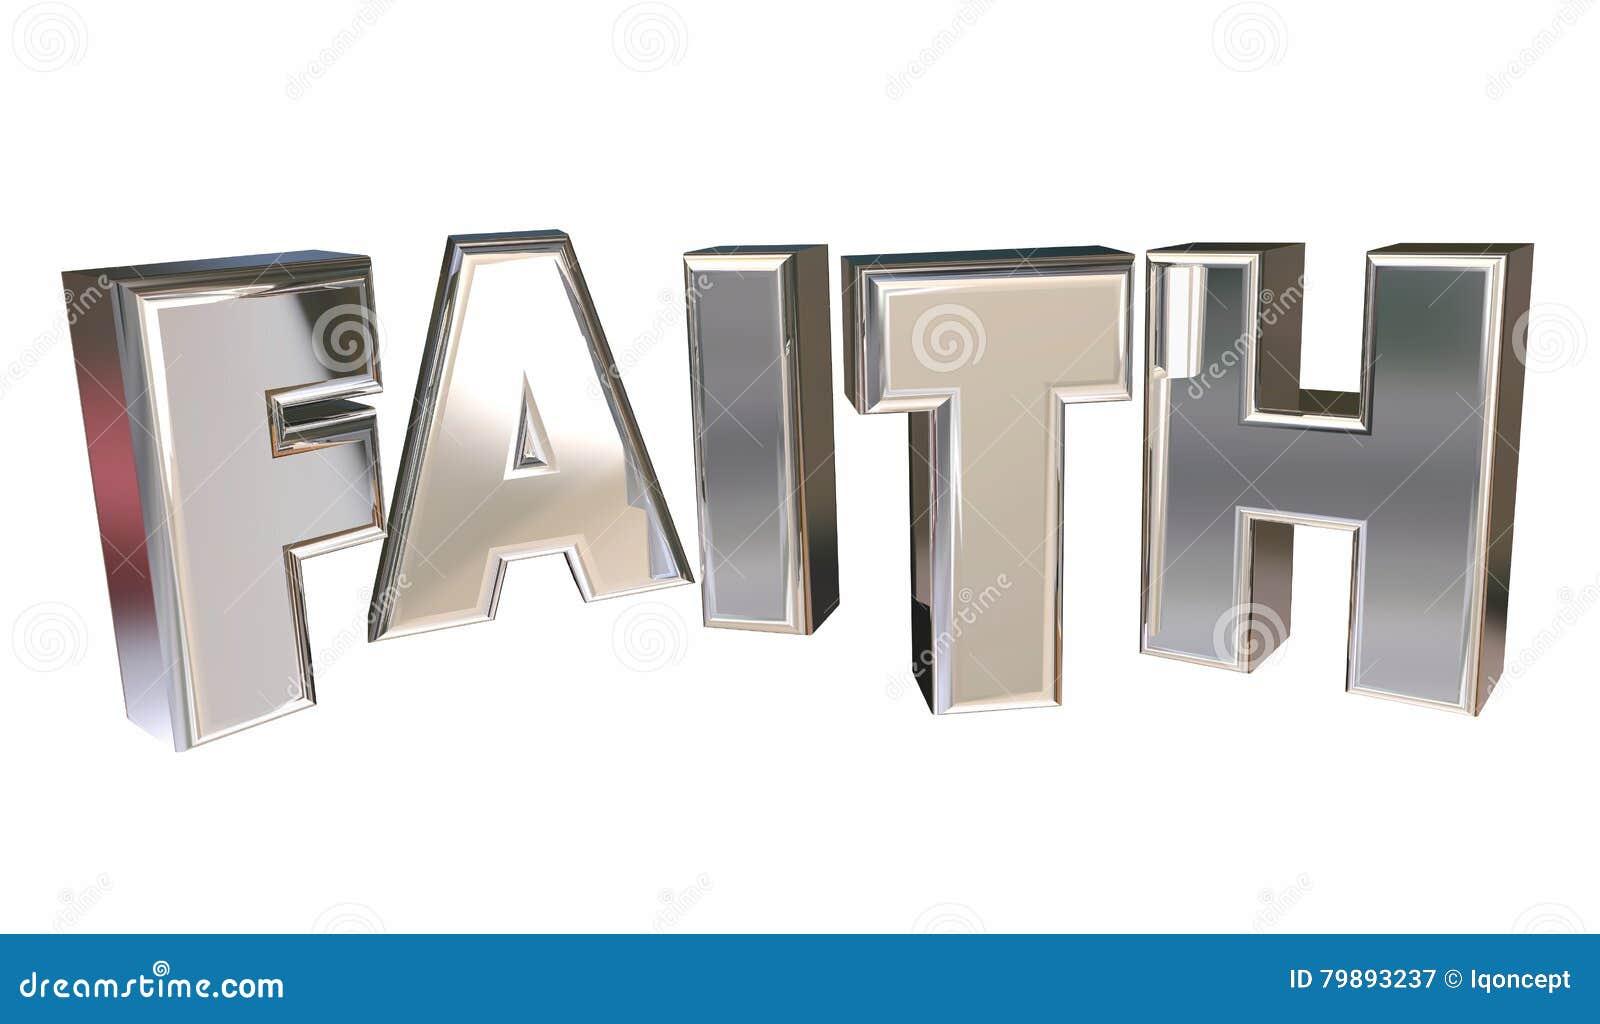 La Credenza In Dio : La negazione dell esistenza di dio « una casa sulla roccia